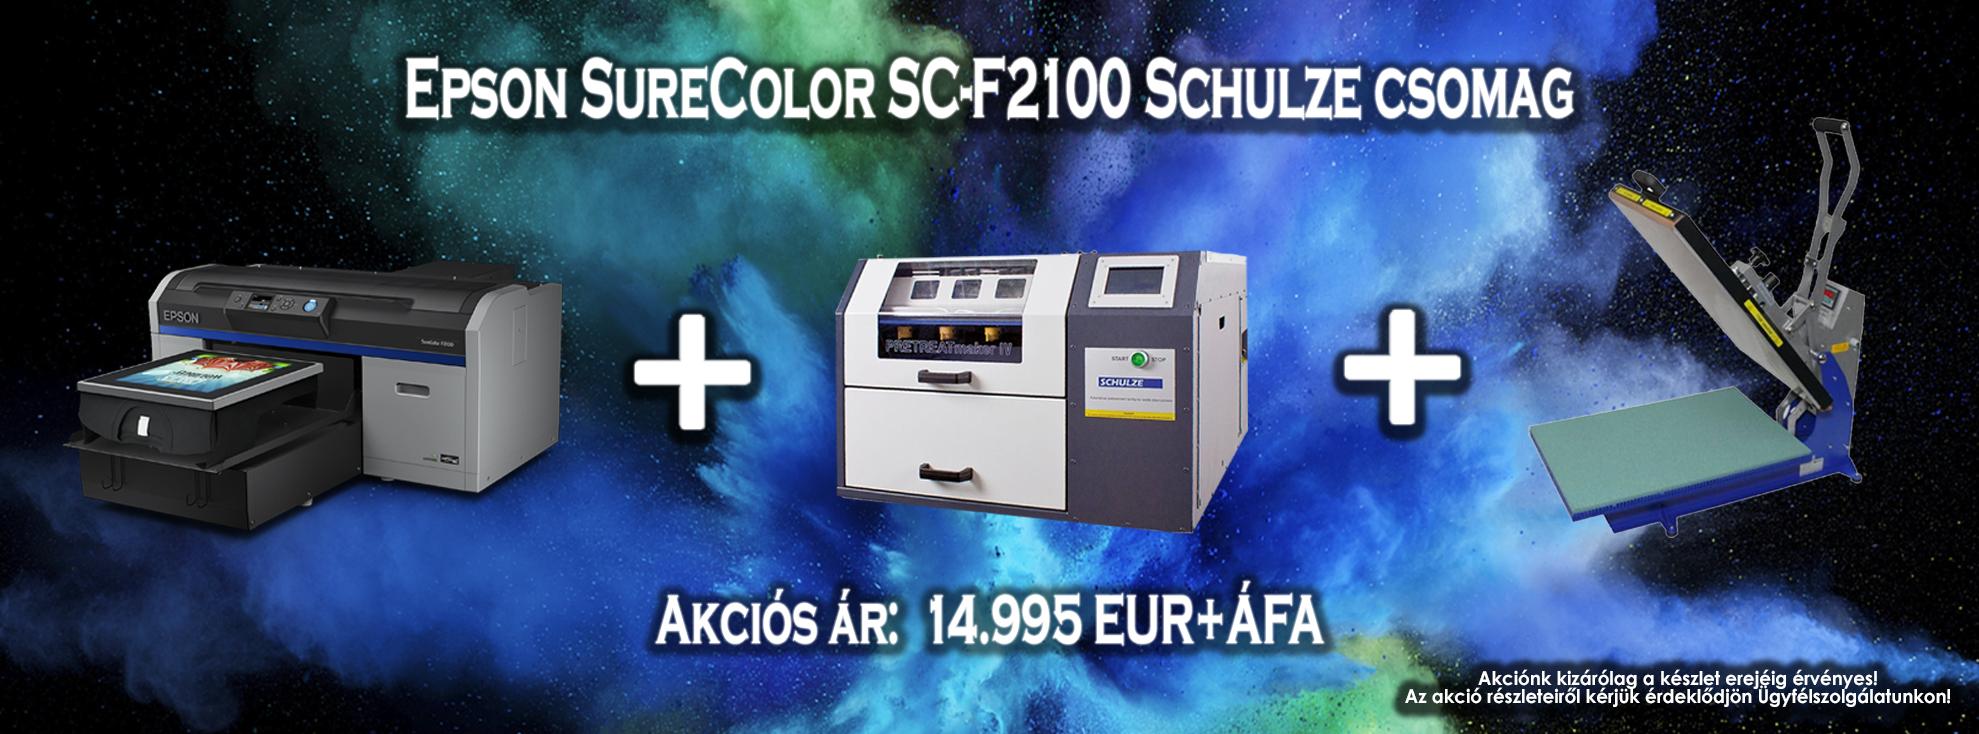 859f9b2b10 Sublimation Tech - Epson SureColor SC-F2100 Schulze csomag